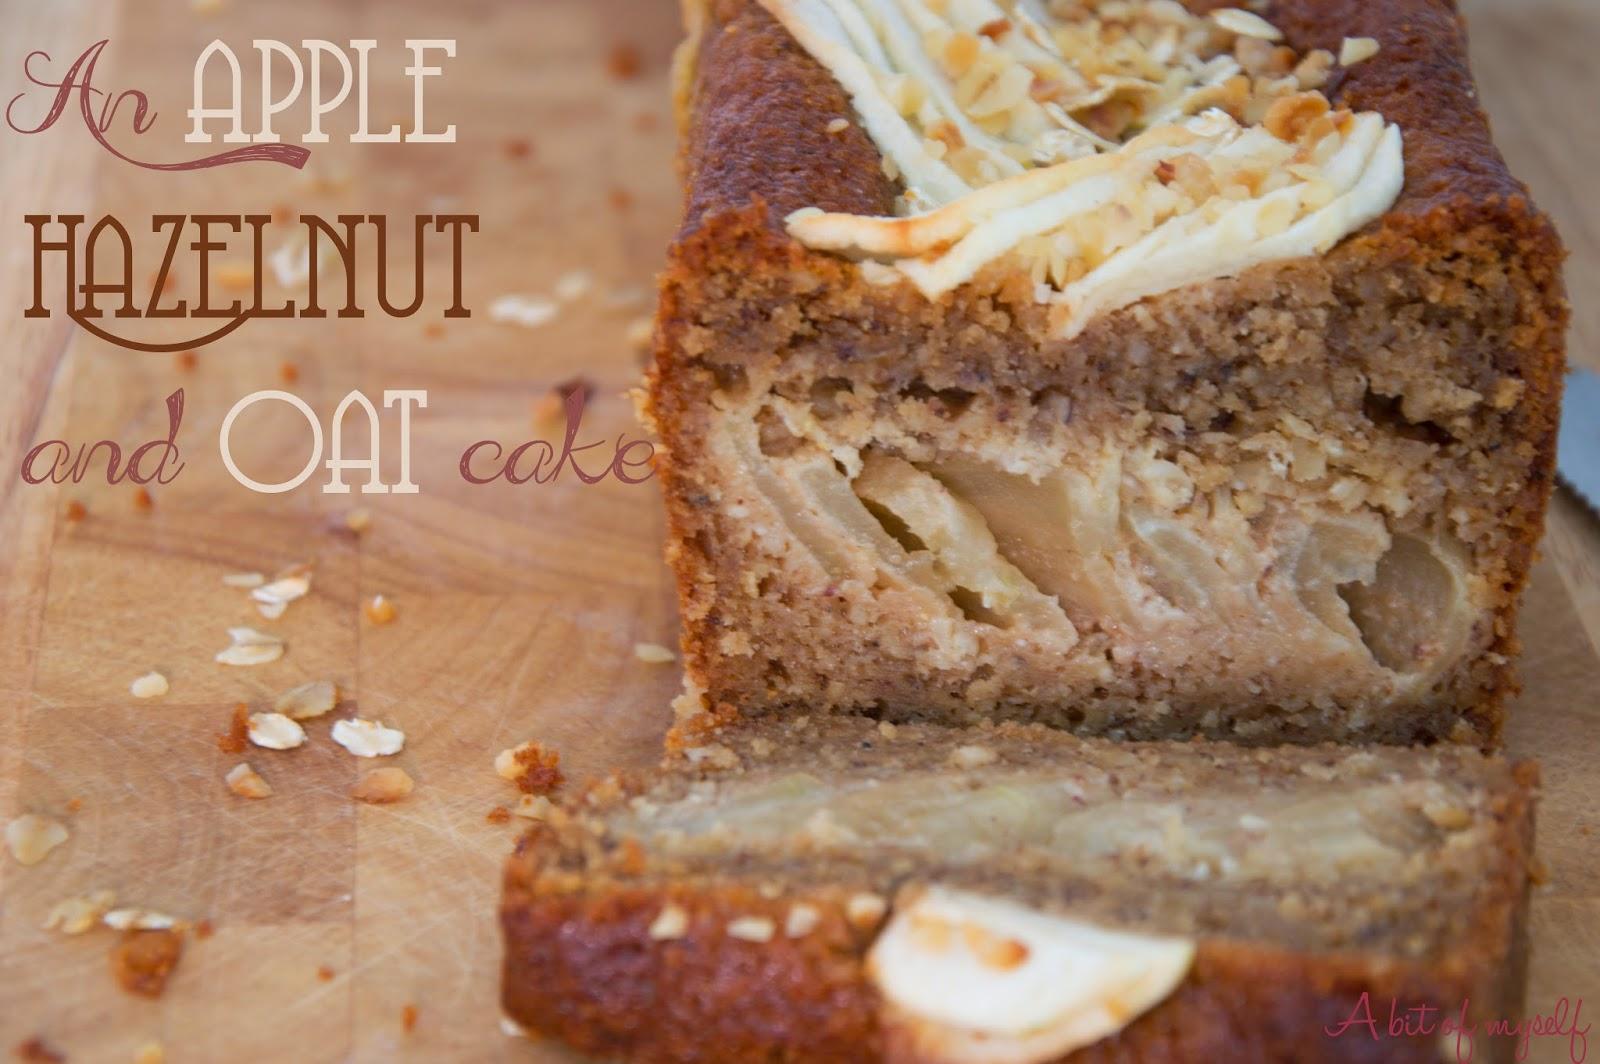 an apple, hazelnut and oat cake